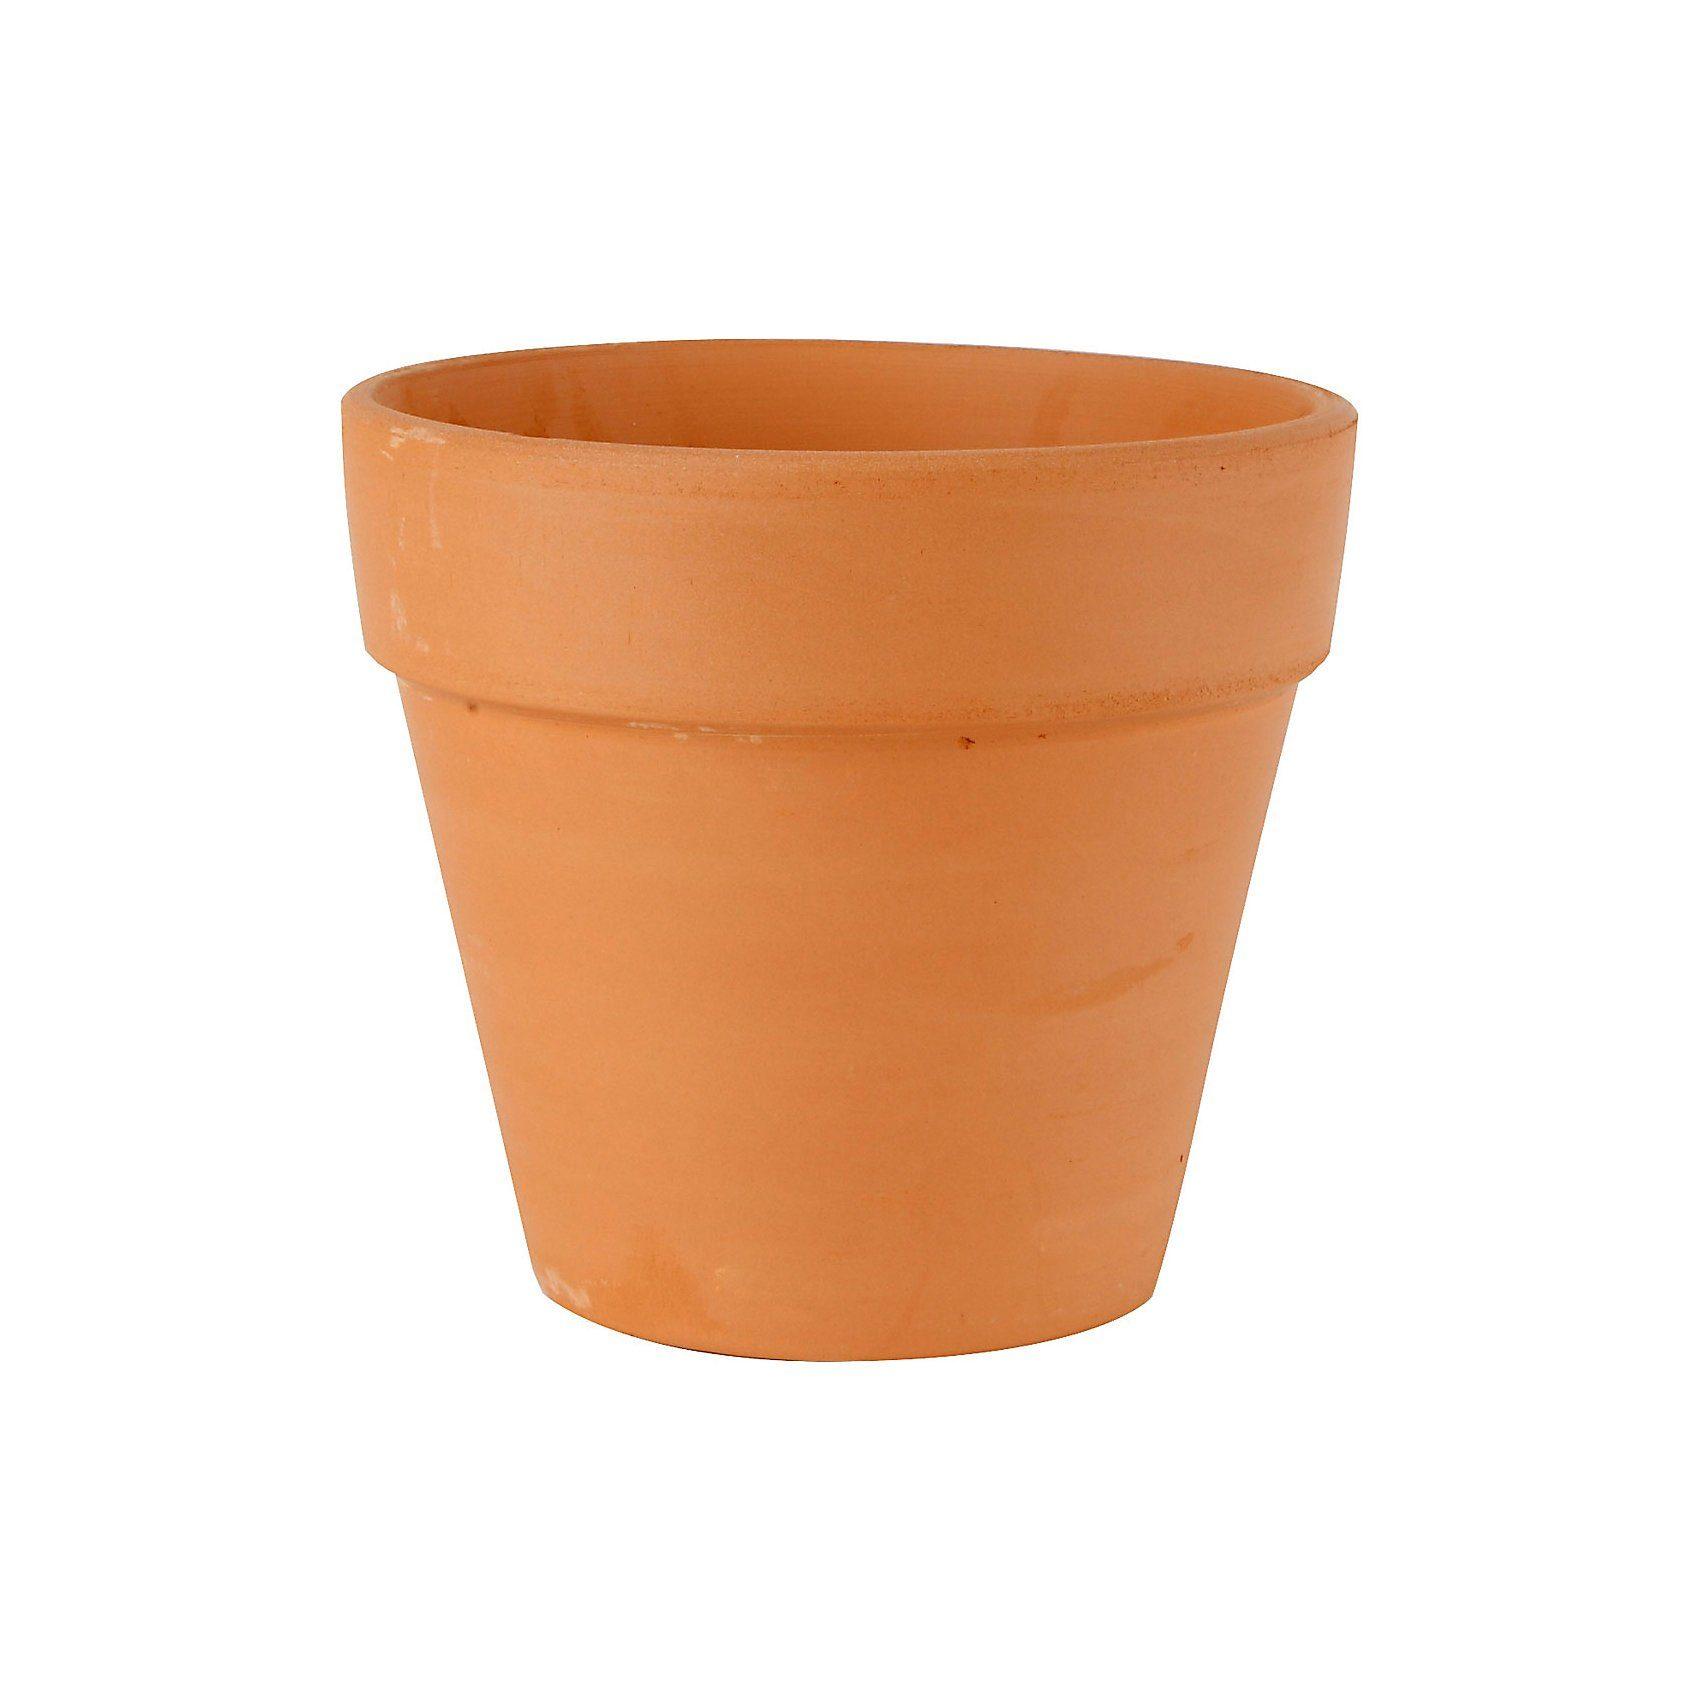 Blumentopf, D: 12 cm, H: 11 cm, 12 Stück